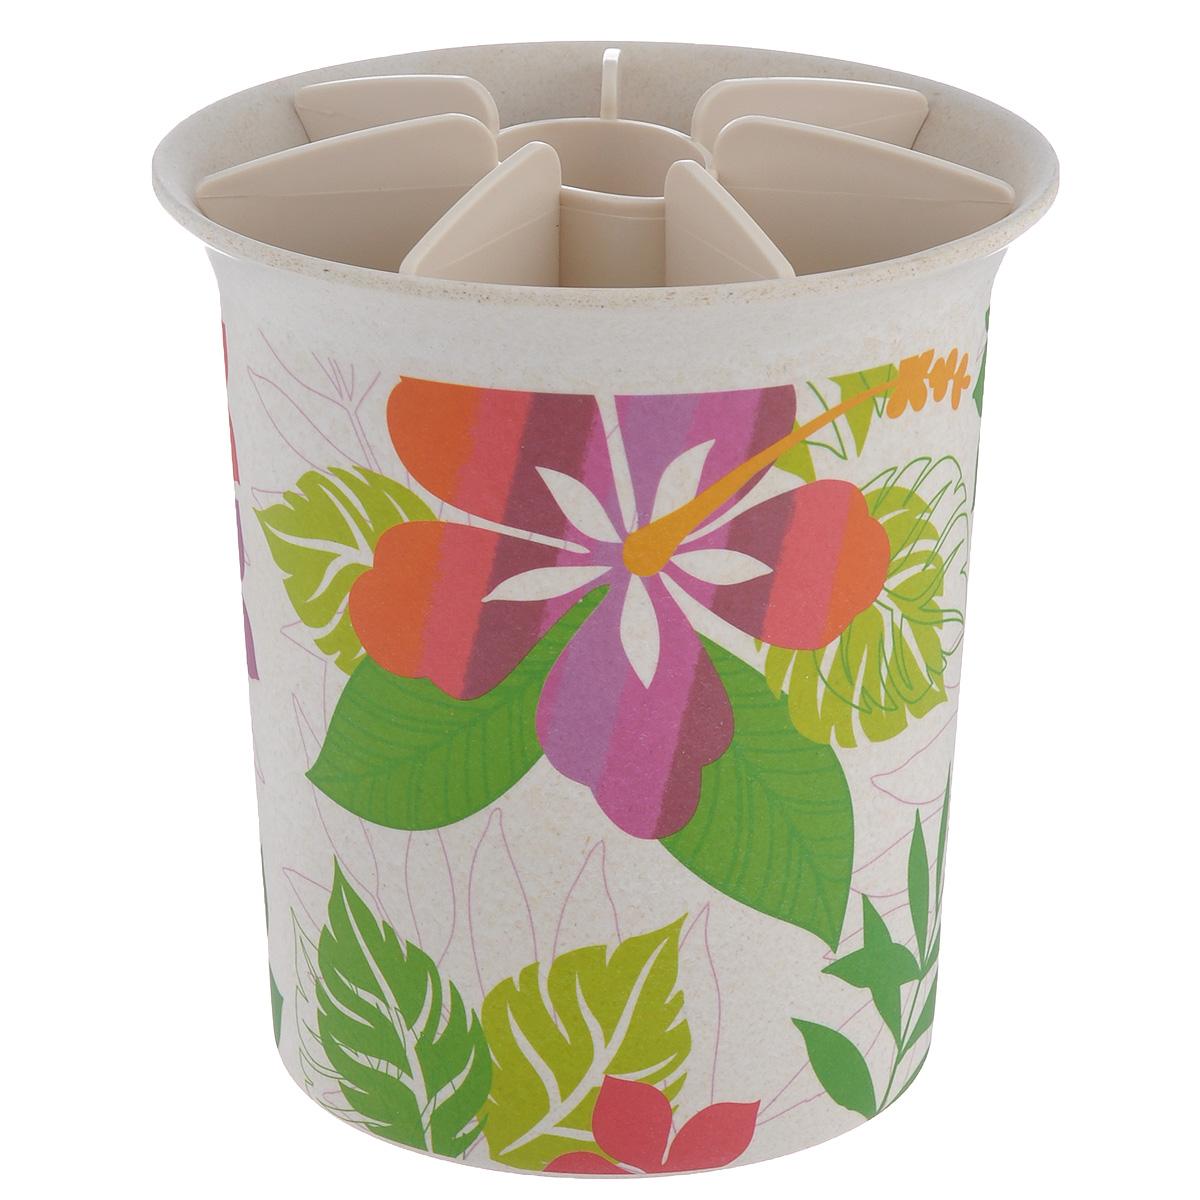 Подставка для кухонных принадлежностей EcoWoo, высота 16 см1515078UПодставка для кухонных принадлежностей EcoWoo изготовлена из бамбукового волокна - экологически чистого материала, безвредного для окружающей среды. Внешние стенки оформлены красочным рисунком. Емкость оснащена 8 секциями для различных столовых приборов: ложек, вилок, ножей и других кухонных аксессуаров. Изящная подставка оформит интерьер кухни и послужит функционально. Диаметр подставки: 15 см. Высота подставки: 16 см. Диаметр дна подставки: 11 см.